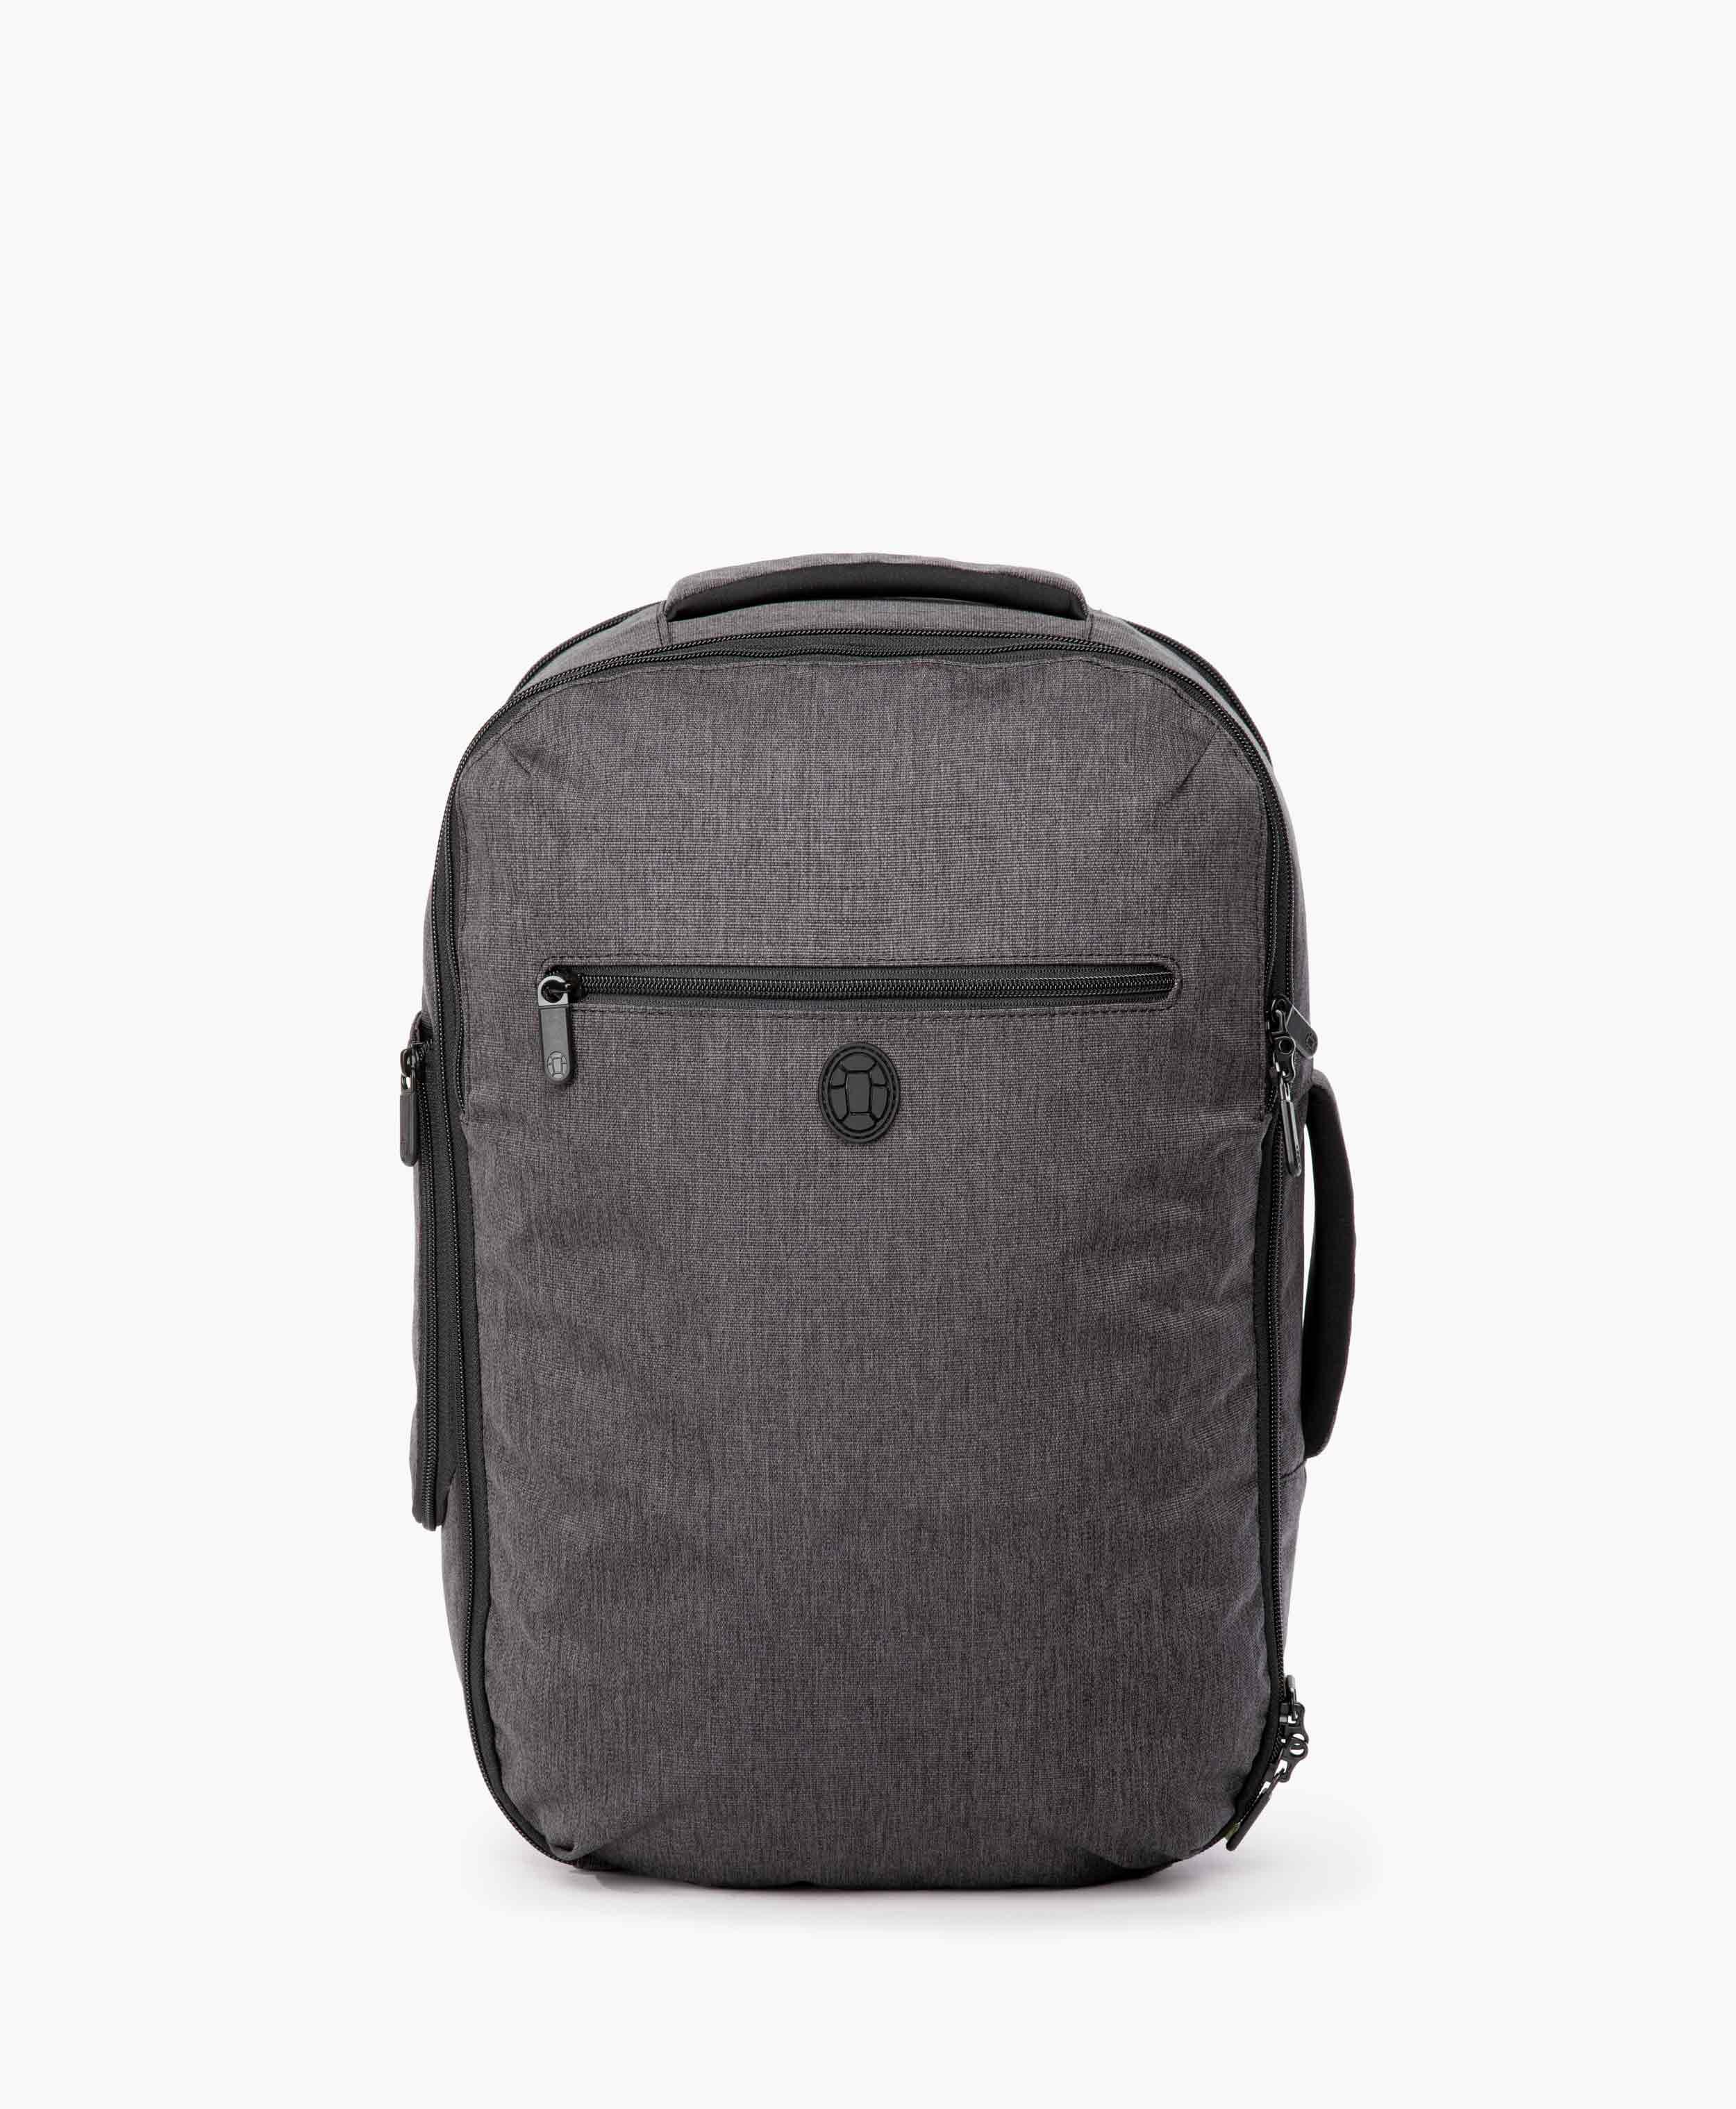 Tortuga Setout Laptop Backpack, best laptop backpack